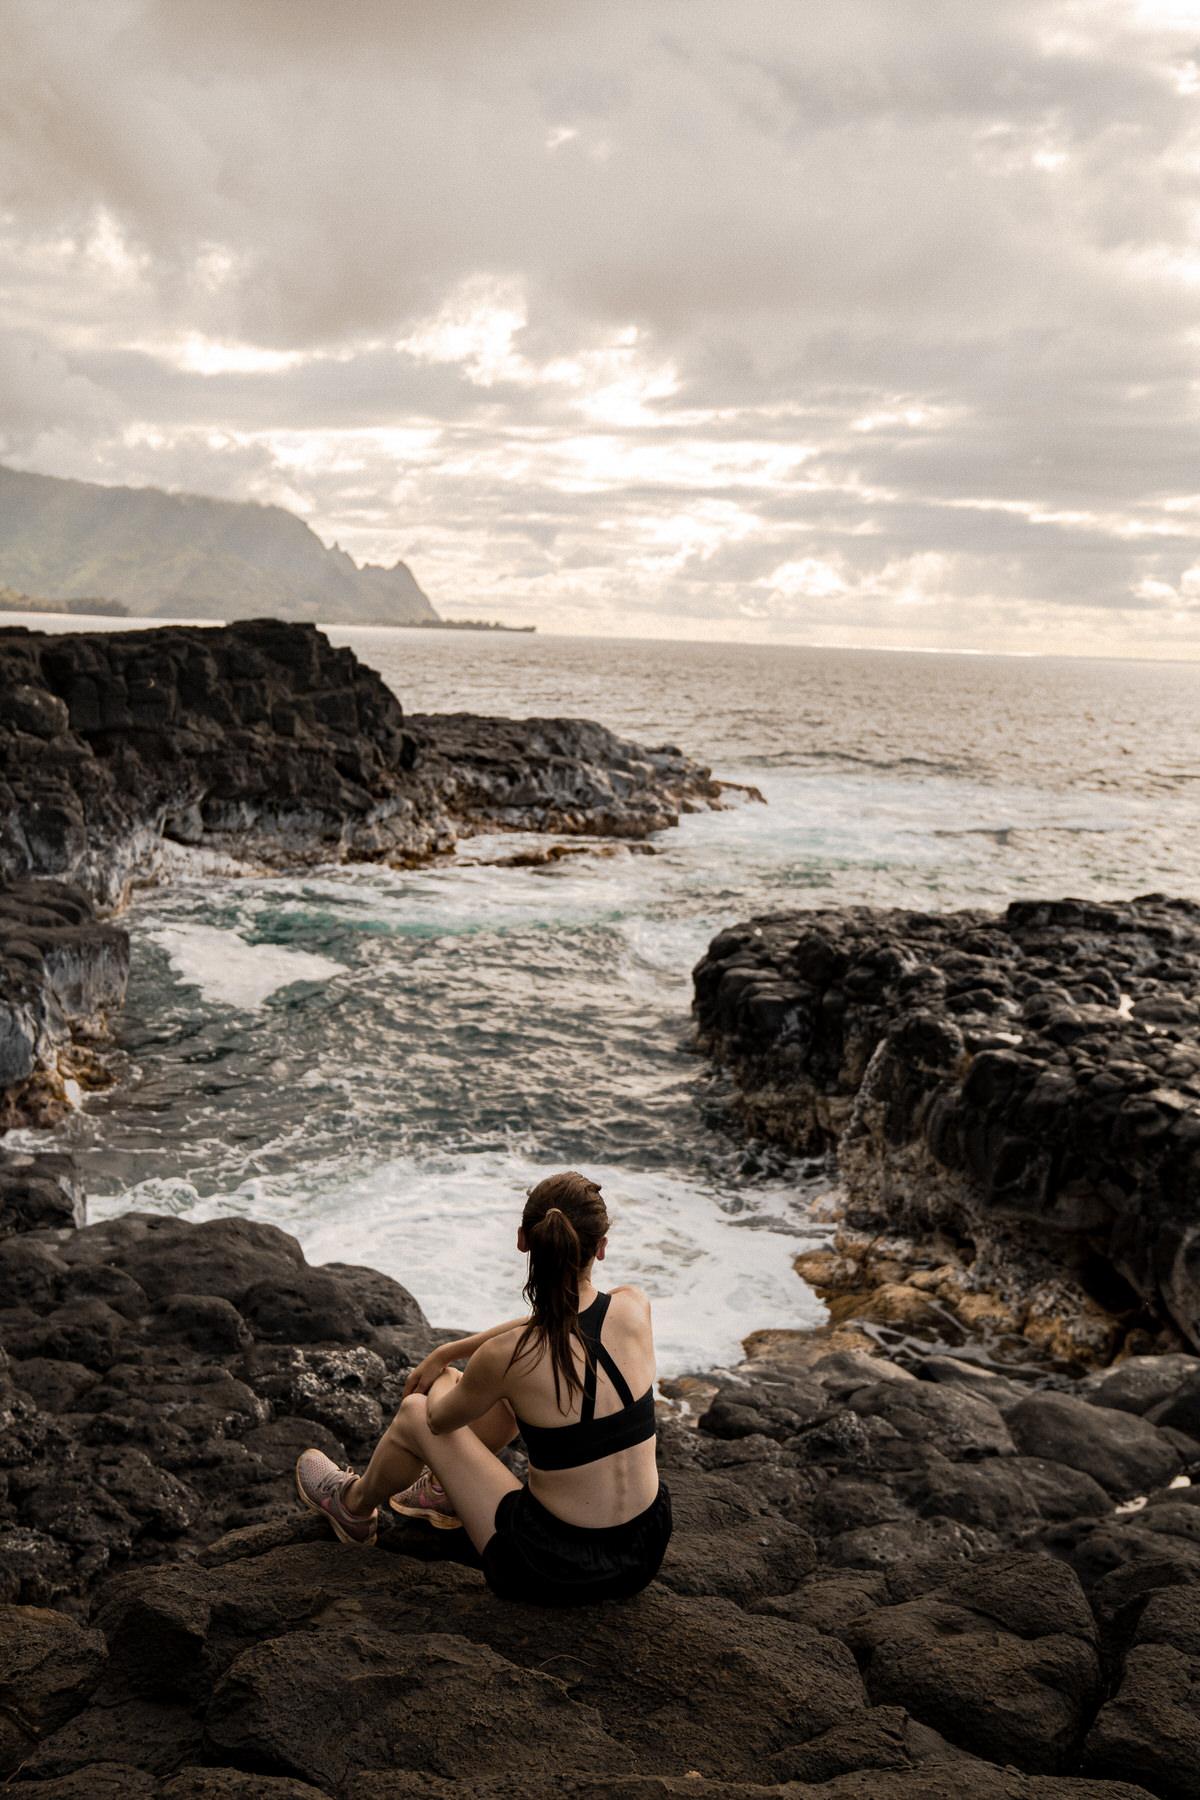 hawai-voyage-de-noces-kauai-2